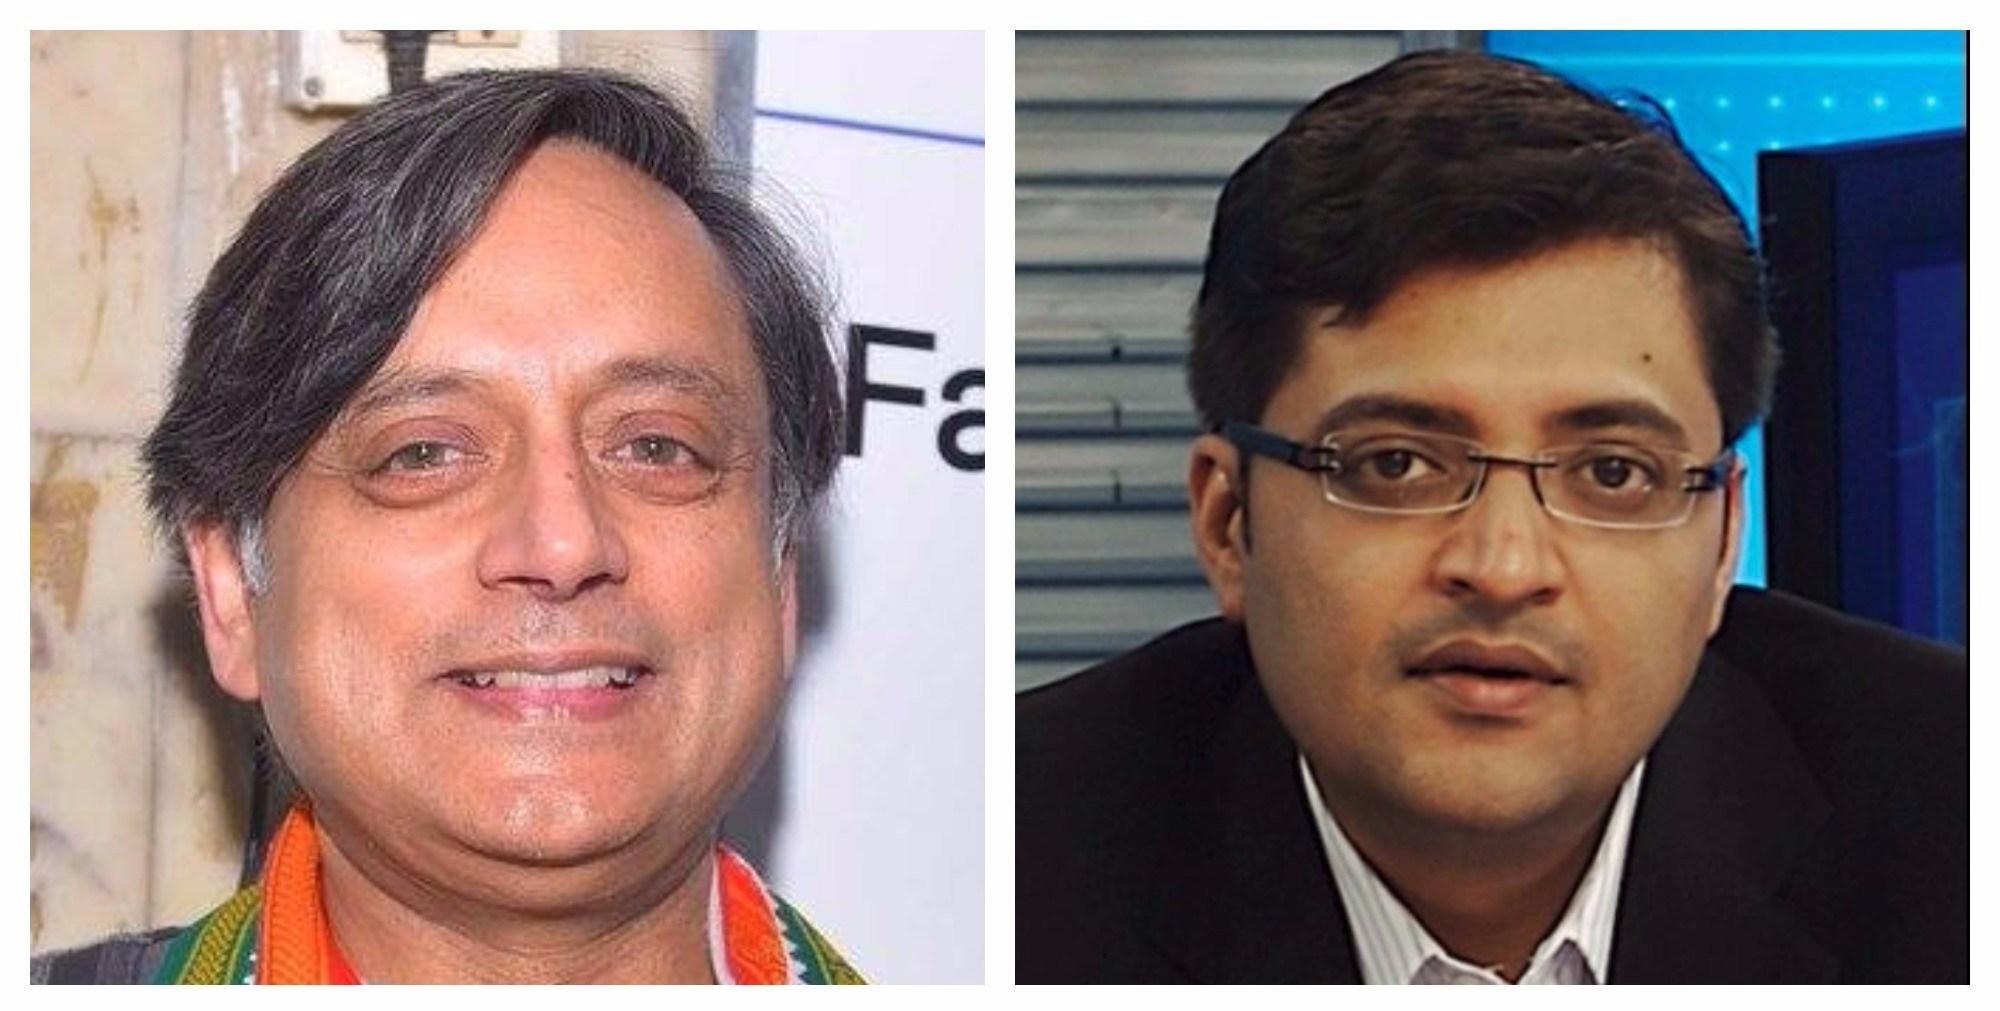 Shashi-Tharoor-Arnab-Goswami-Facebook